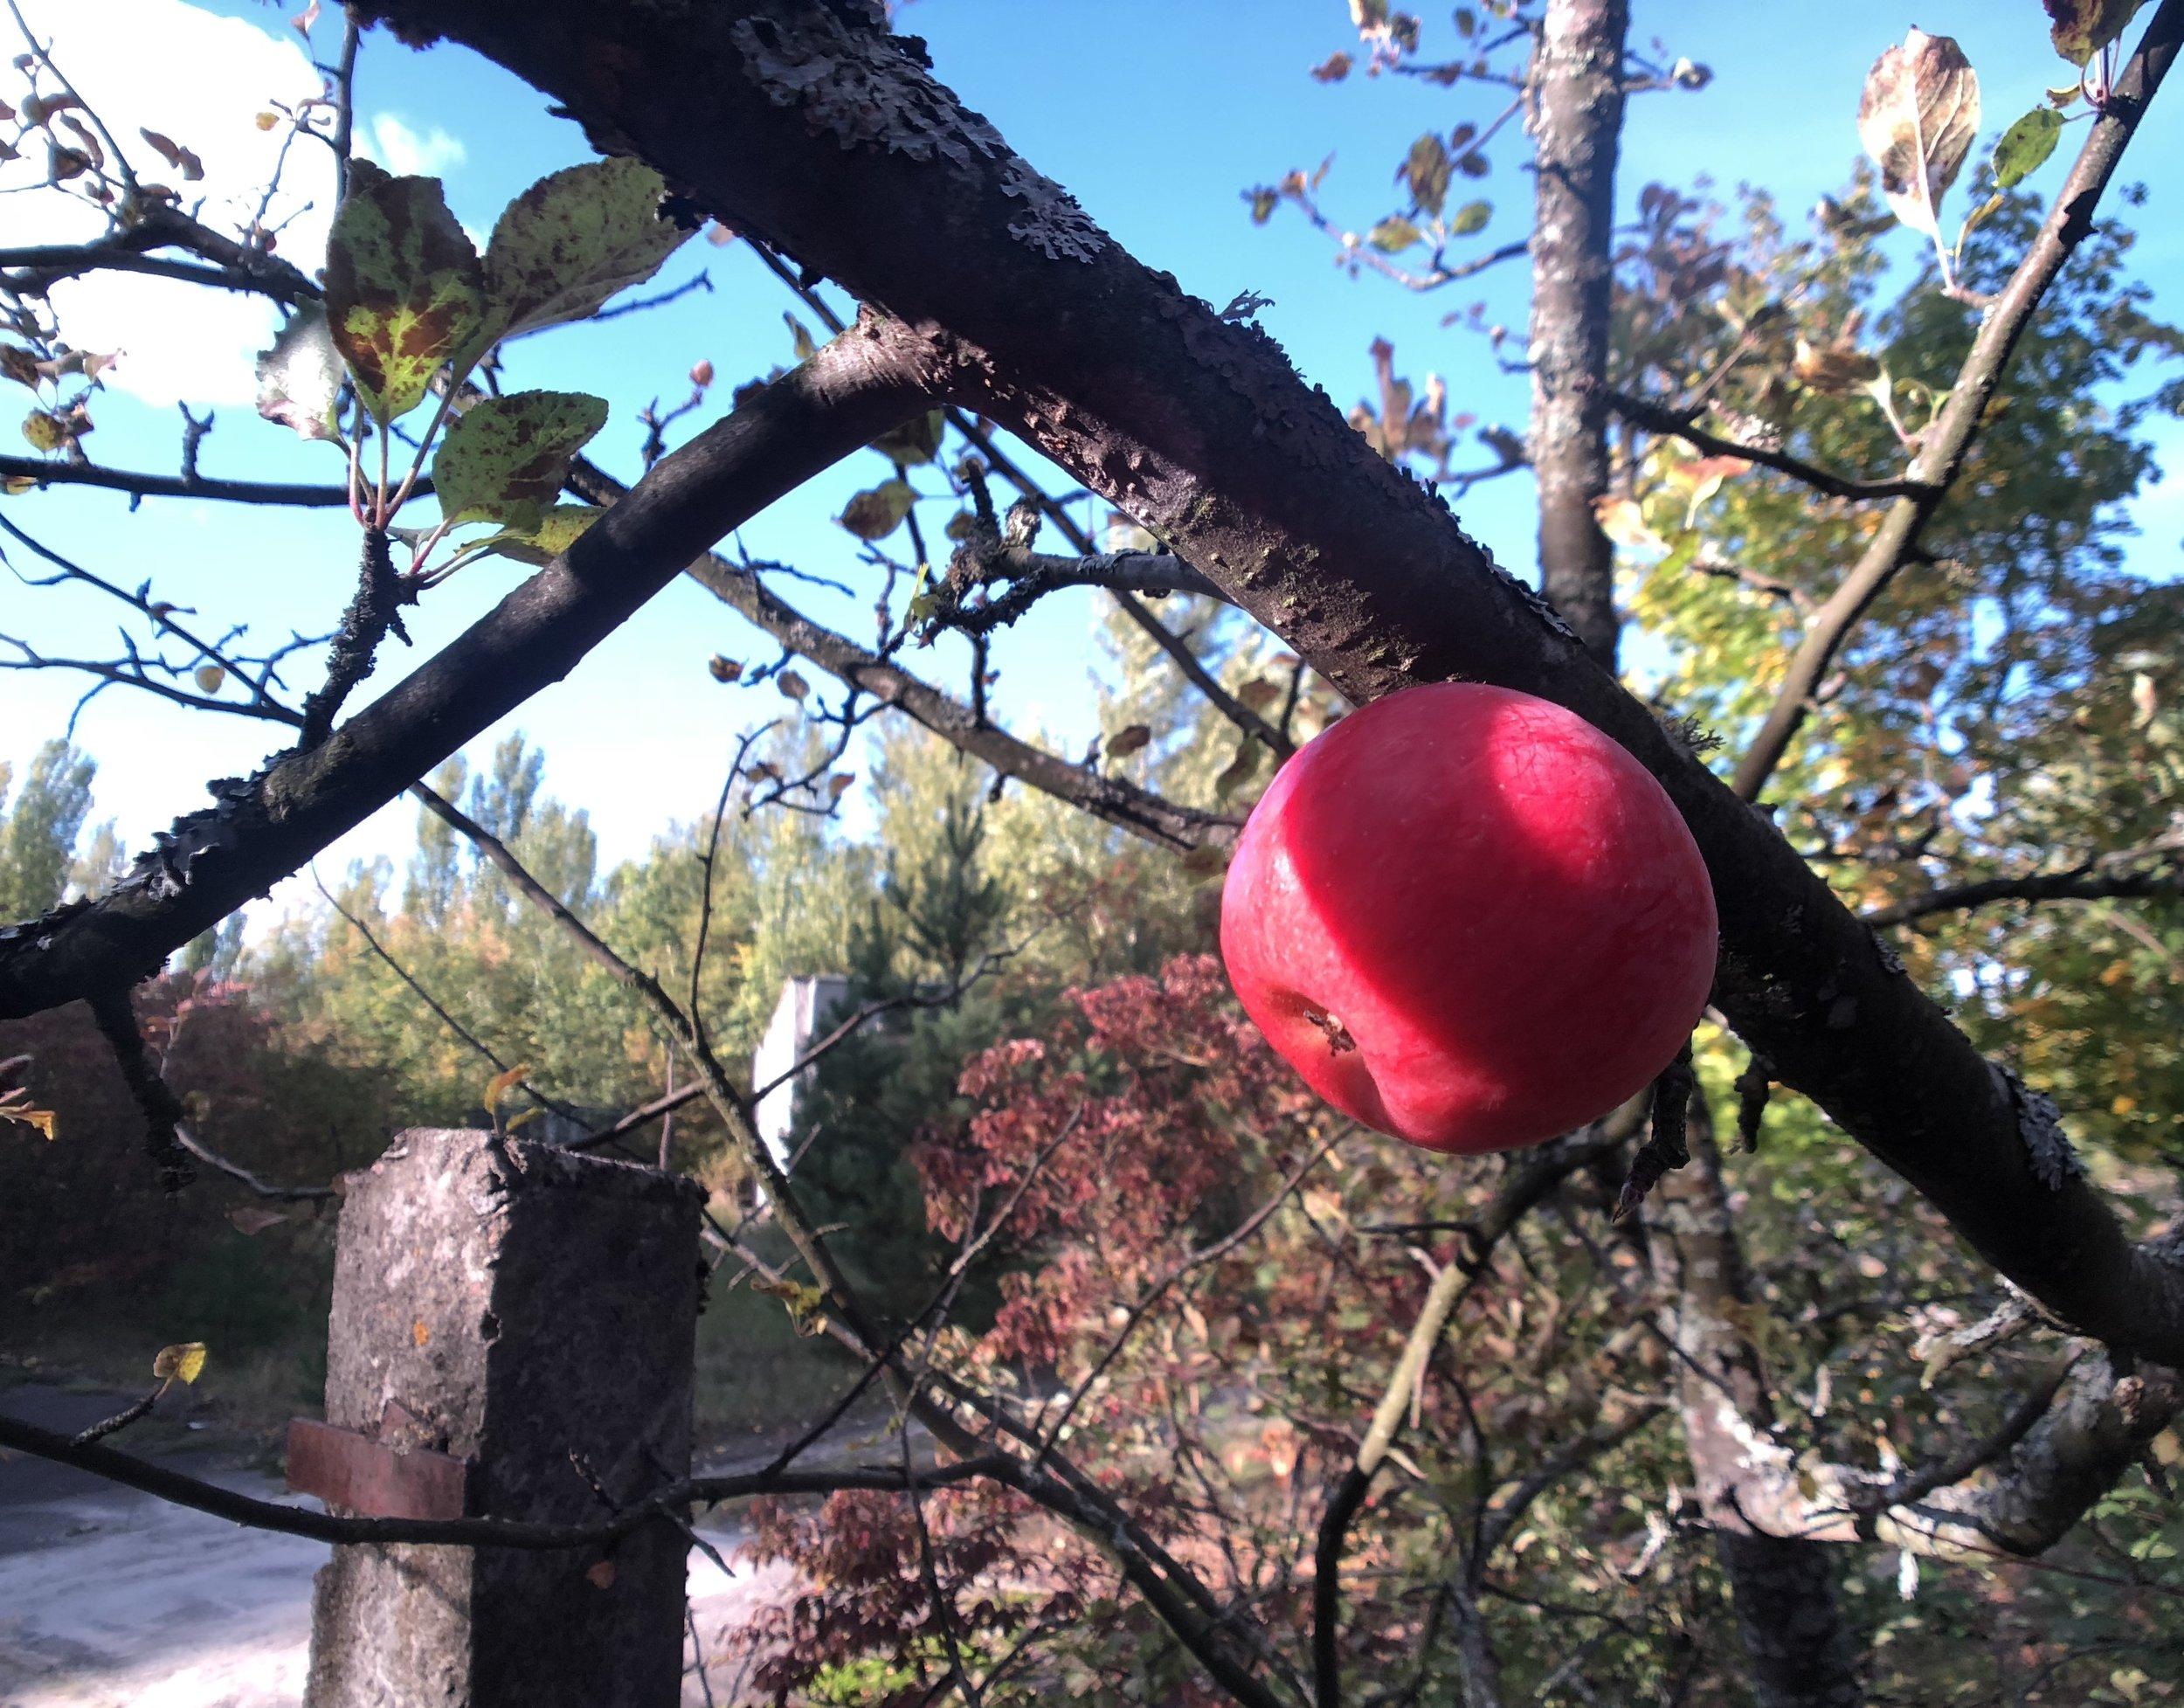 Măr în Pripyat. Nu e bine să-l mânănci. E safe să te plimbi, dar rădăcinile copacilor tind să tragă radiația din sol